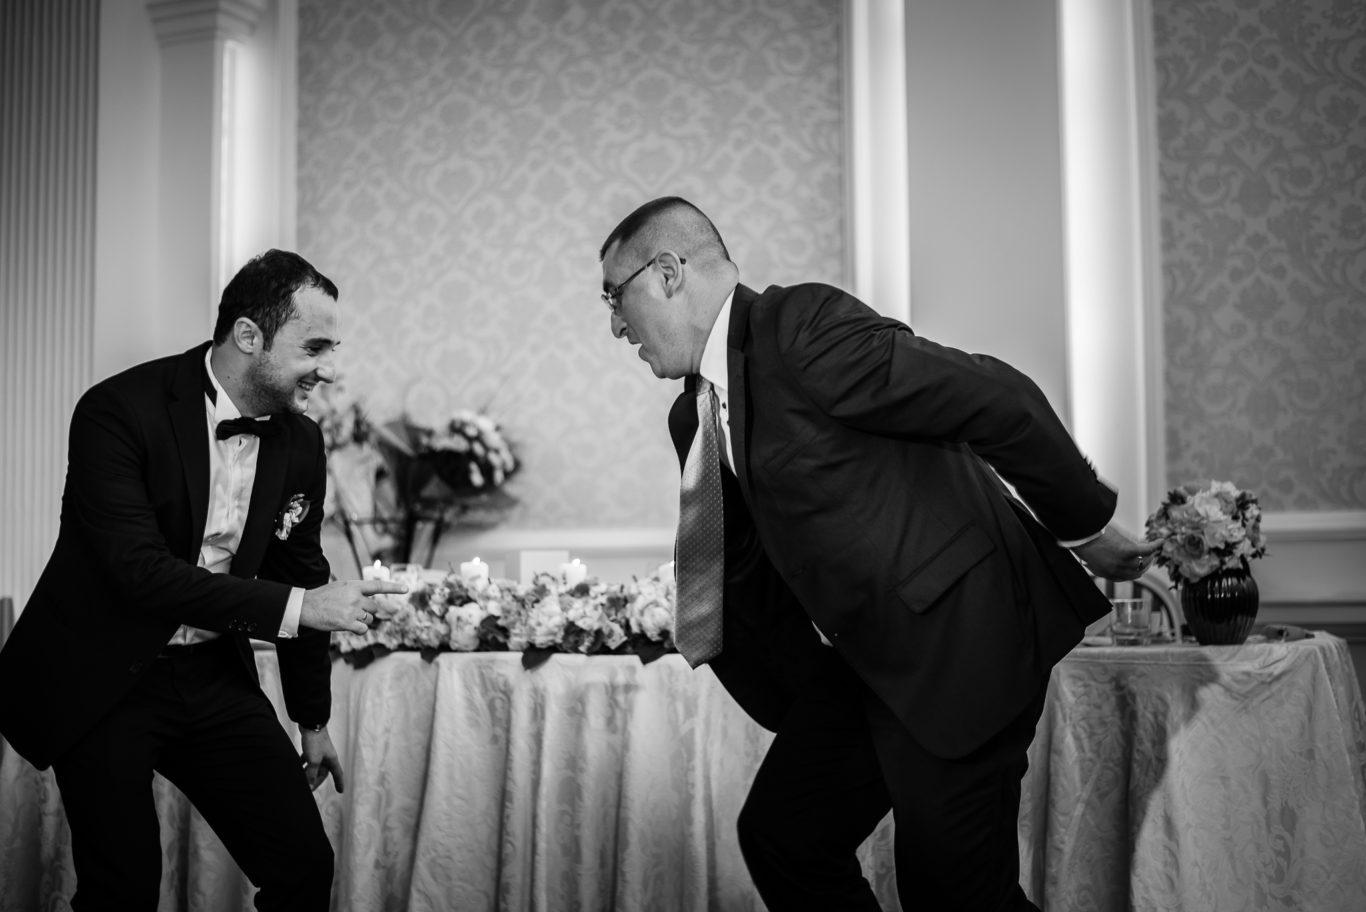 0990-Fotografie-nunta-Mirela-Iulian-fotograf-Ciprian-Dumitrescu-DSC_8114